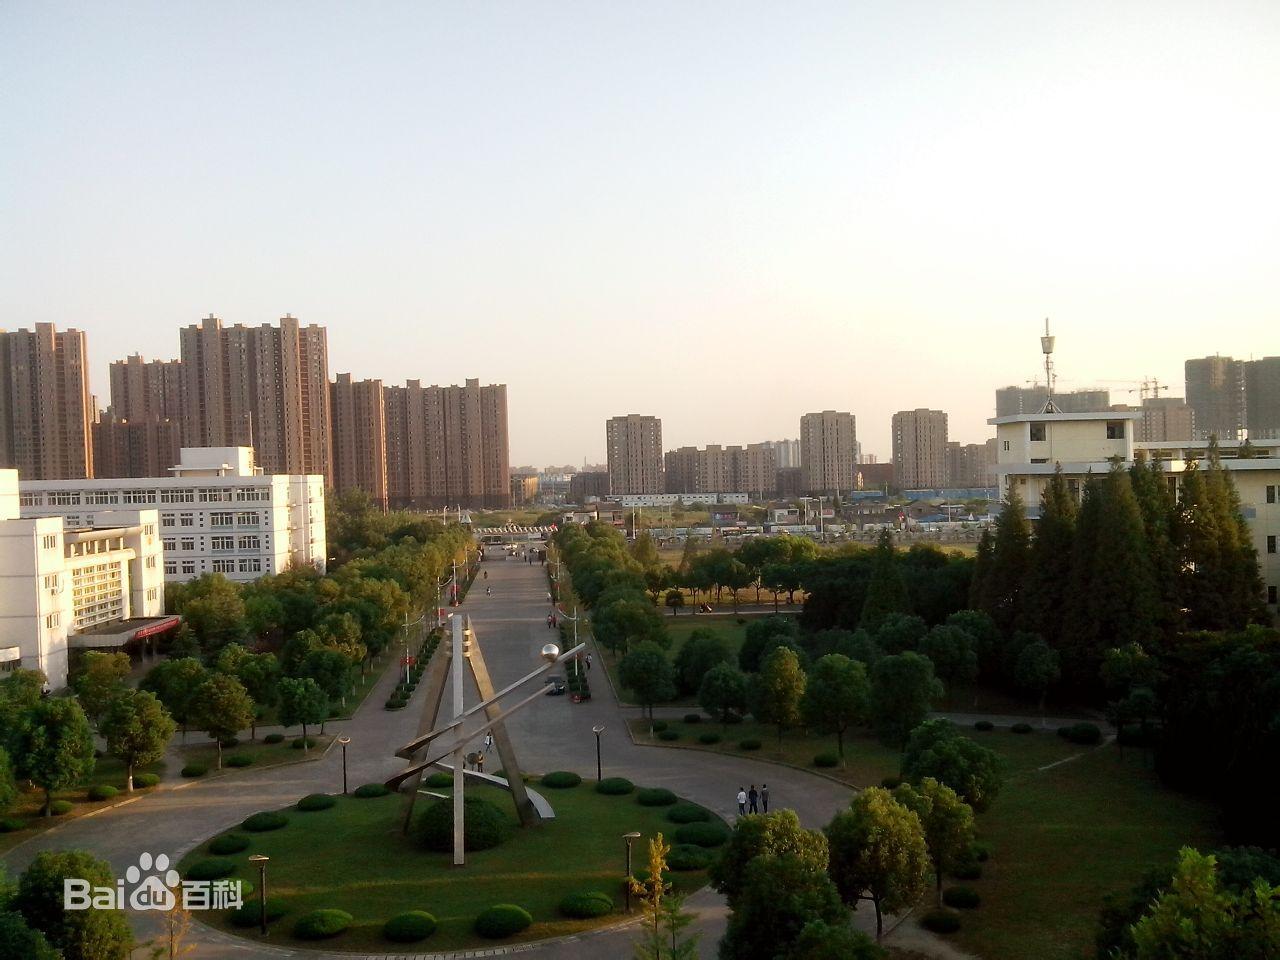 安徽工程大学现代教育技术中心图片 高清图片